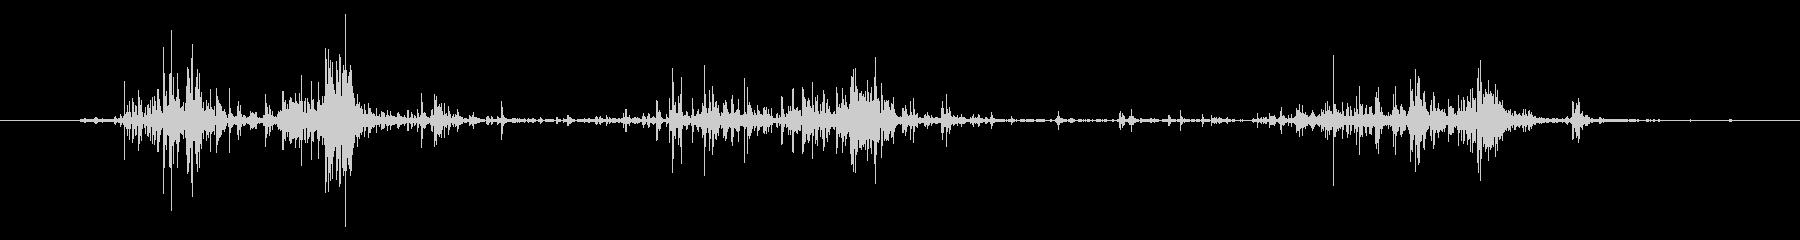 タブレッド菓子を出す音3 ステレオの未再生の波形